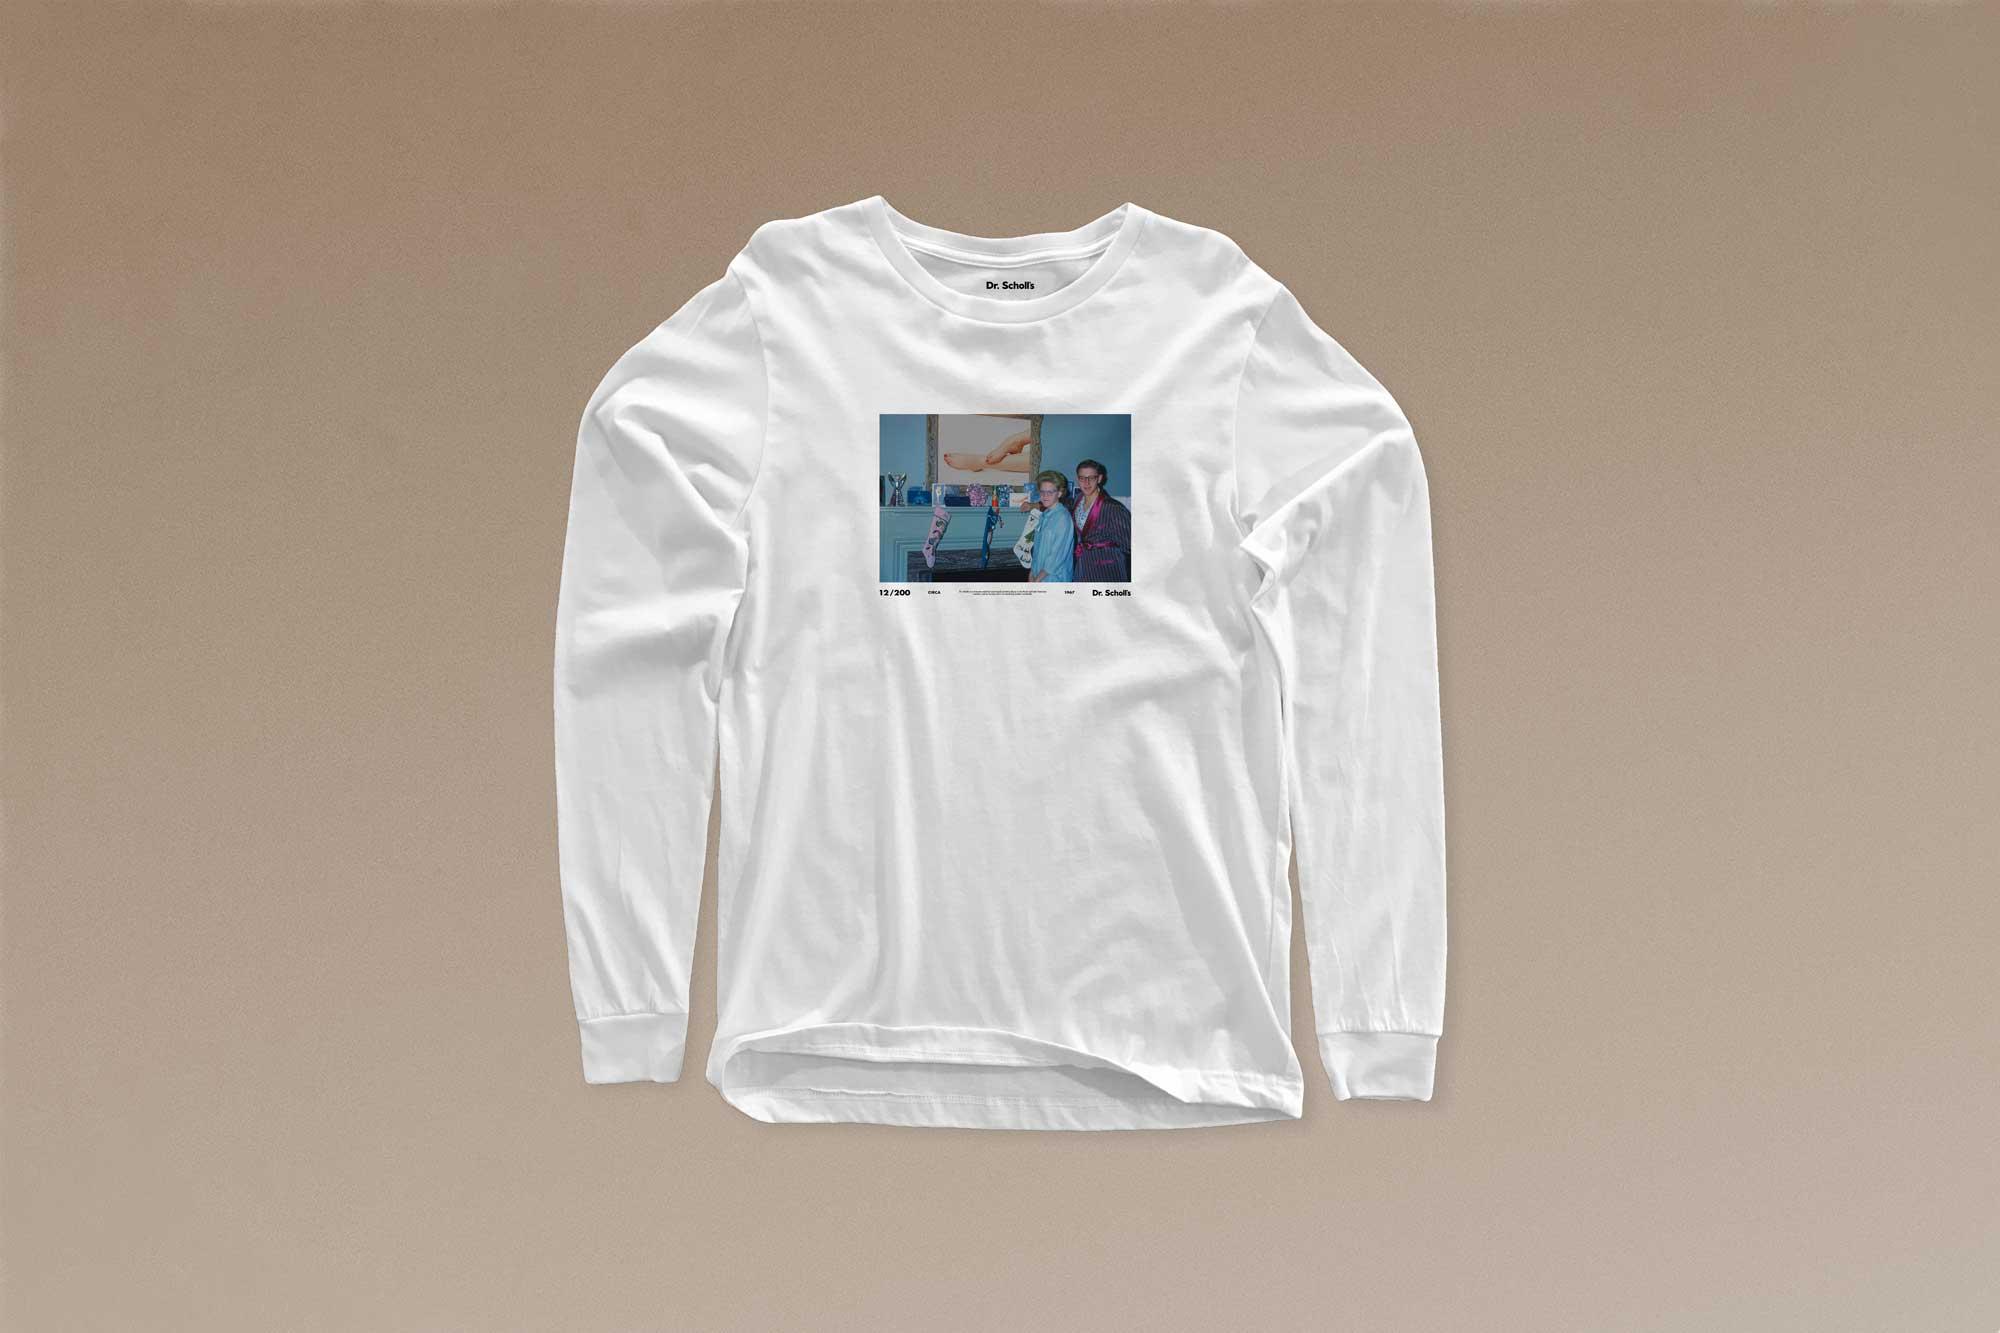 Dr.Scholl's-Shirt.jpg